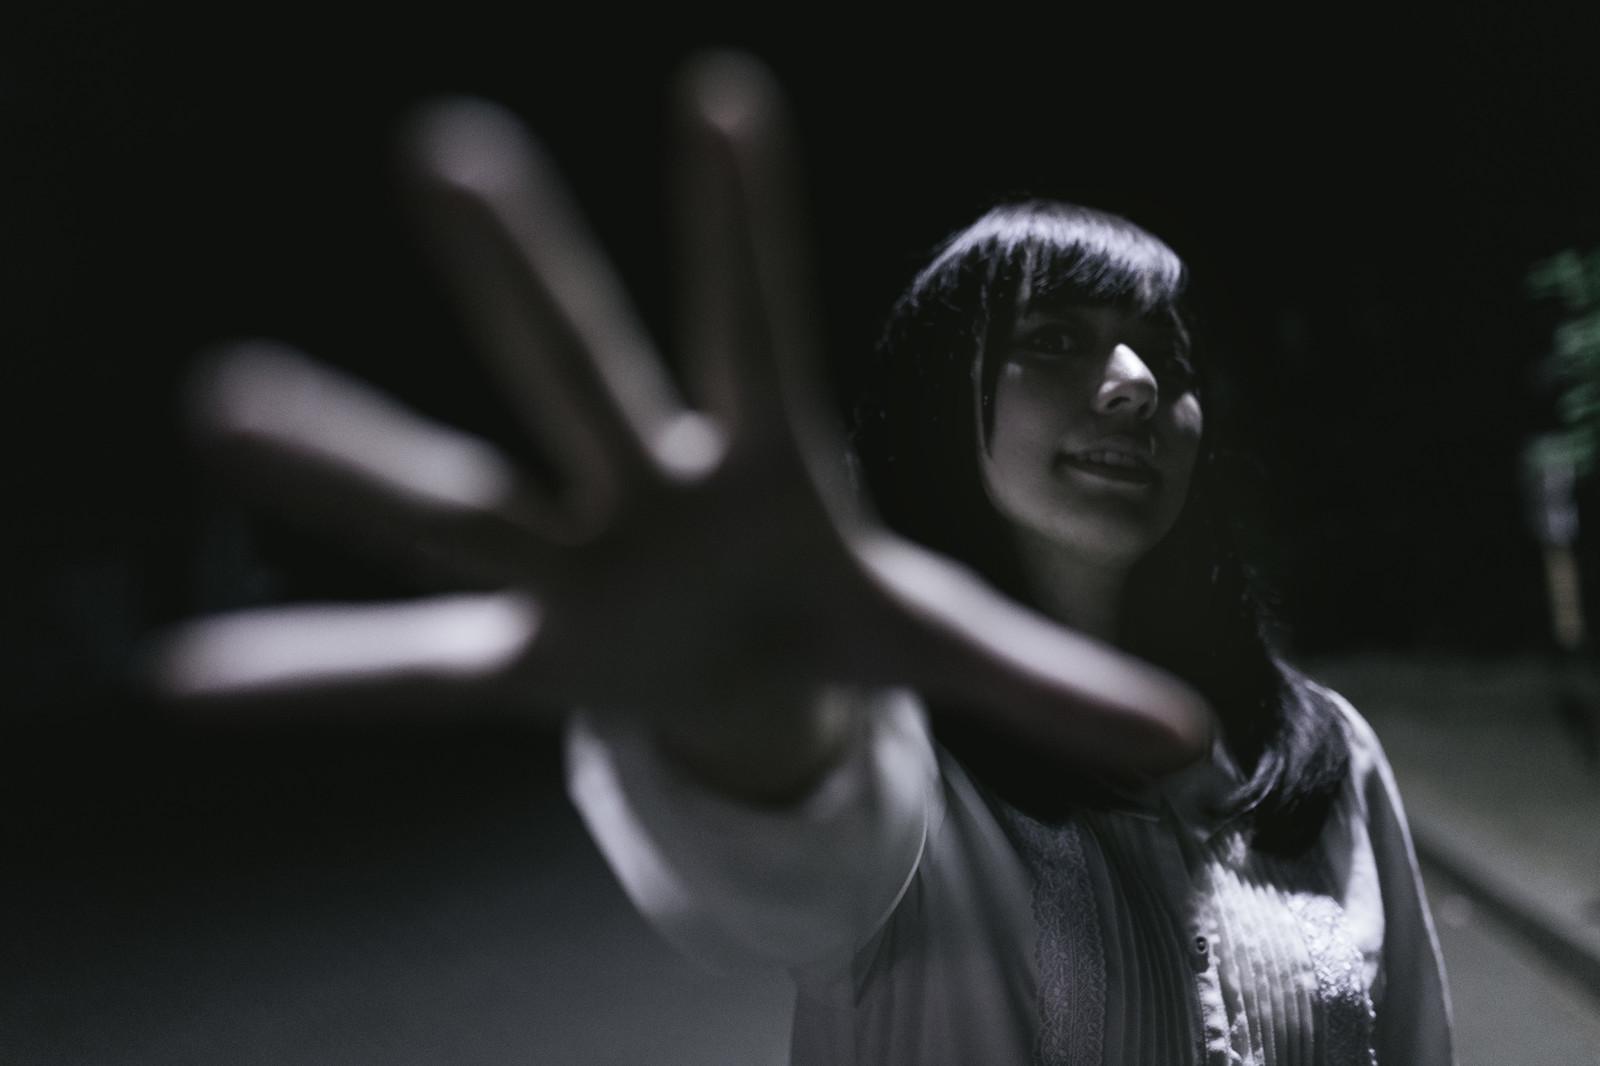 「抱かれたい12人の女たち」9話は佐藤江梨子!狂気のストーカー女を山本耕史は抱く!?通報する!?